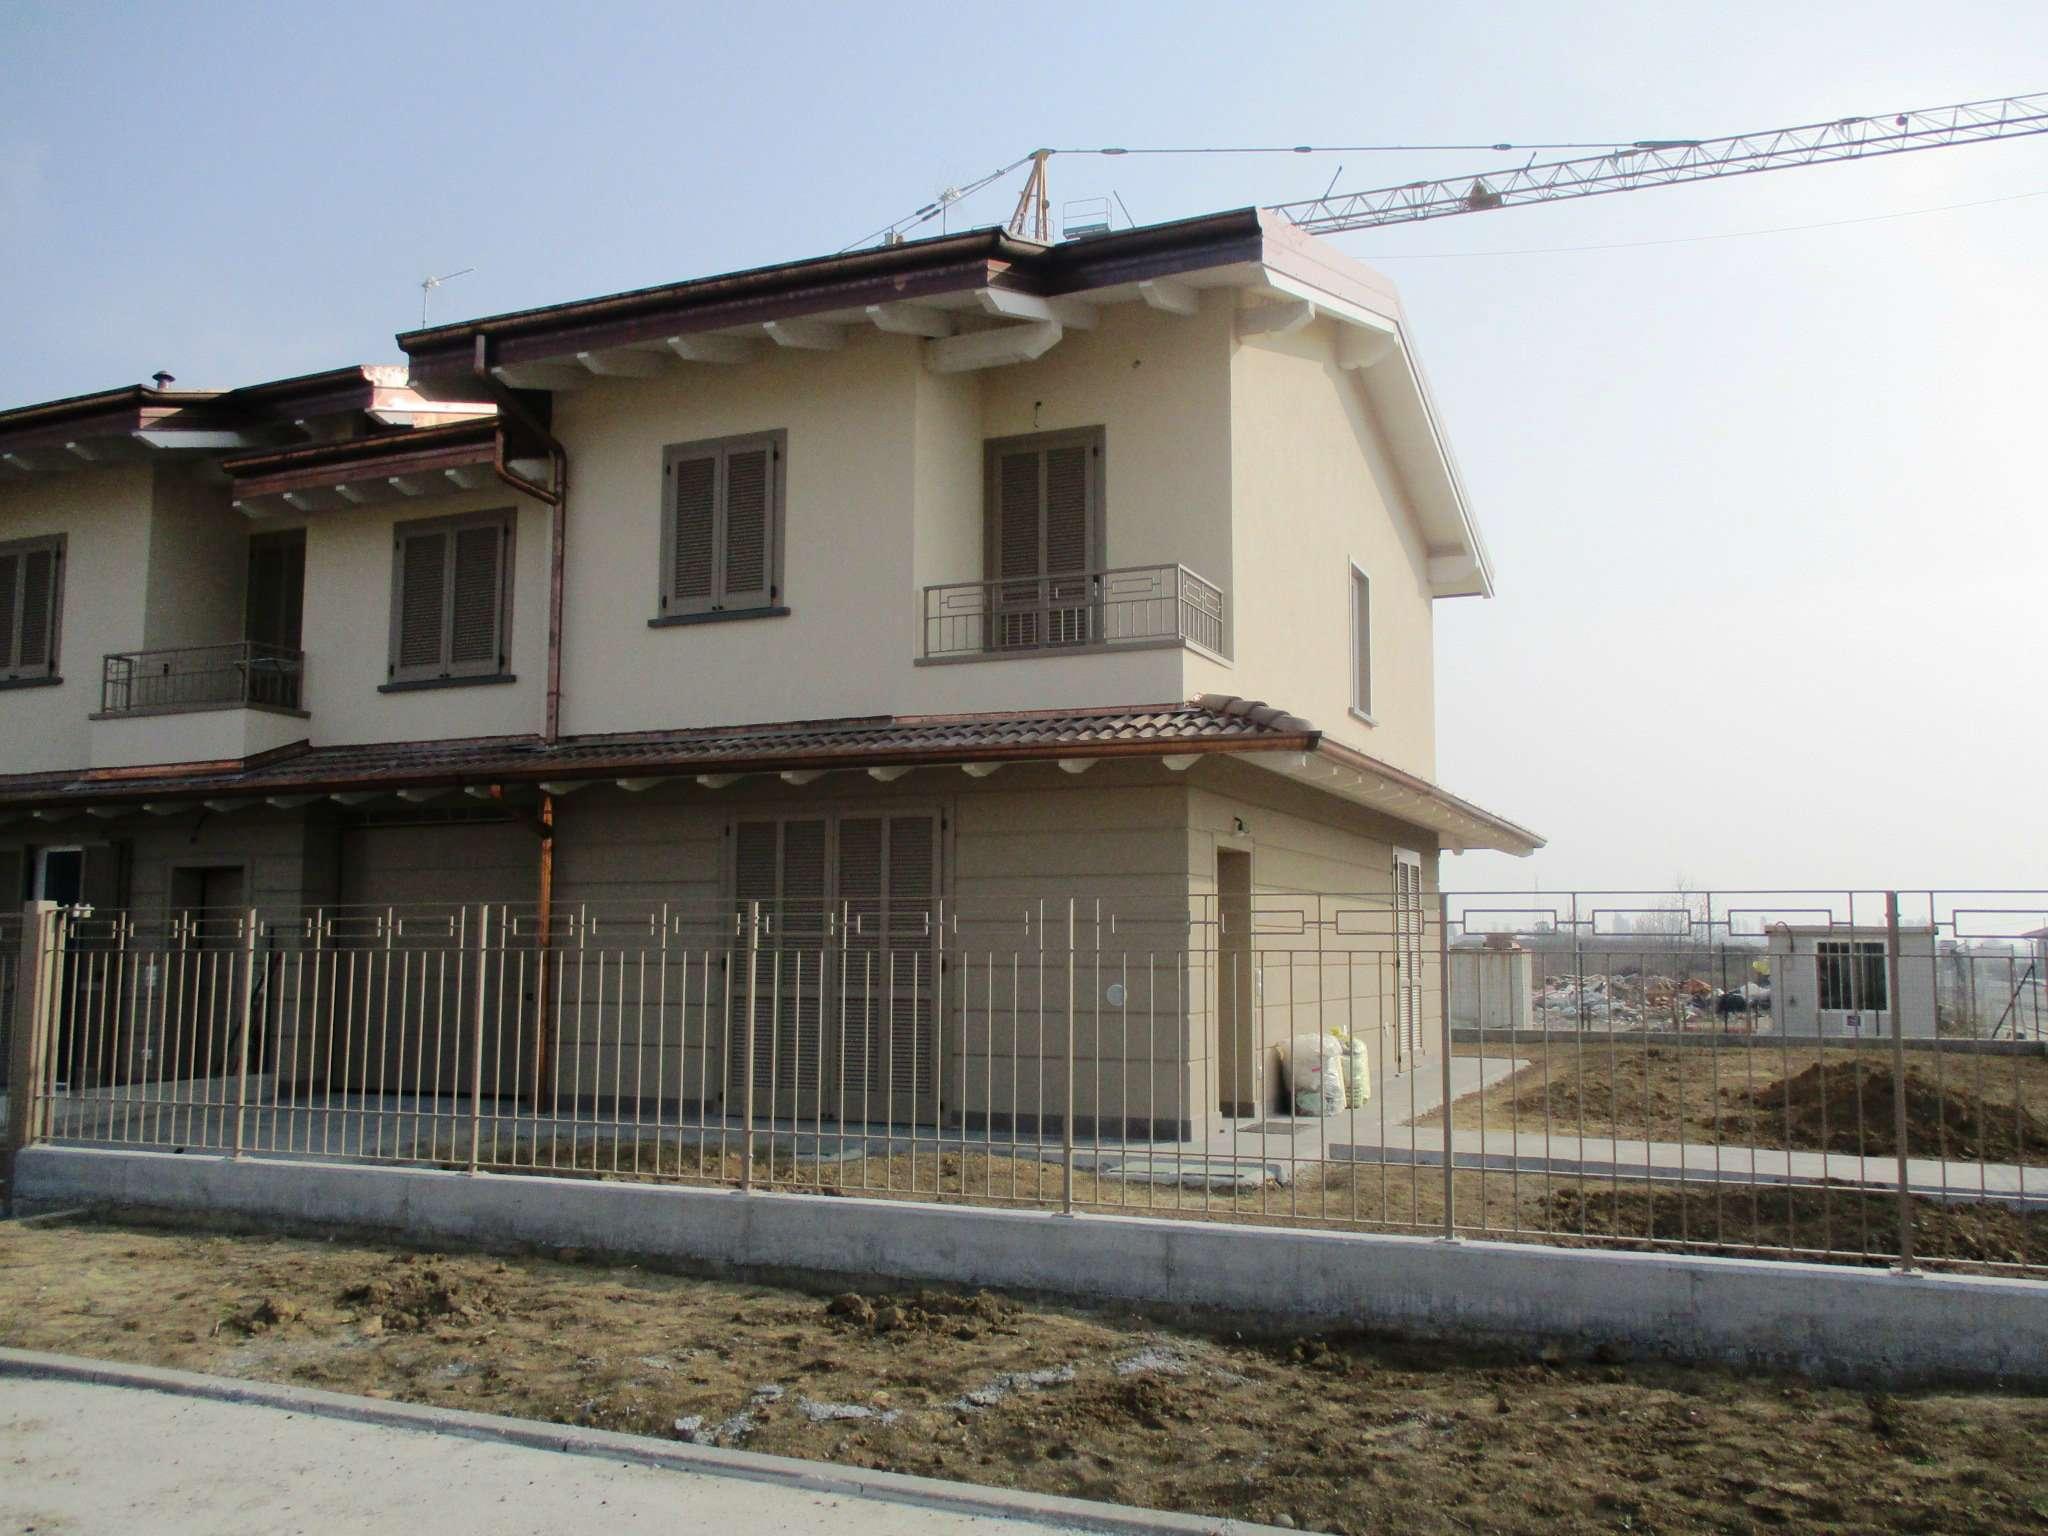 Villa in vendita a Caravaggio, 5 locali, prezzo € 290.000 | CambioCasa.it